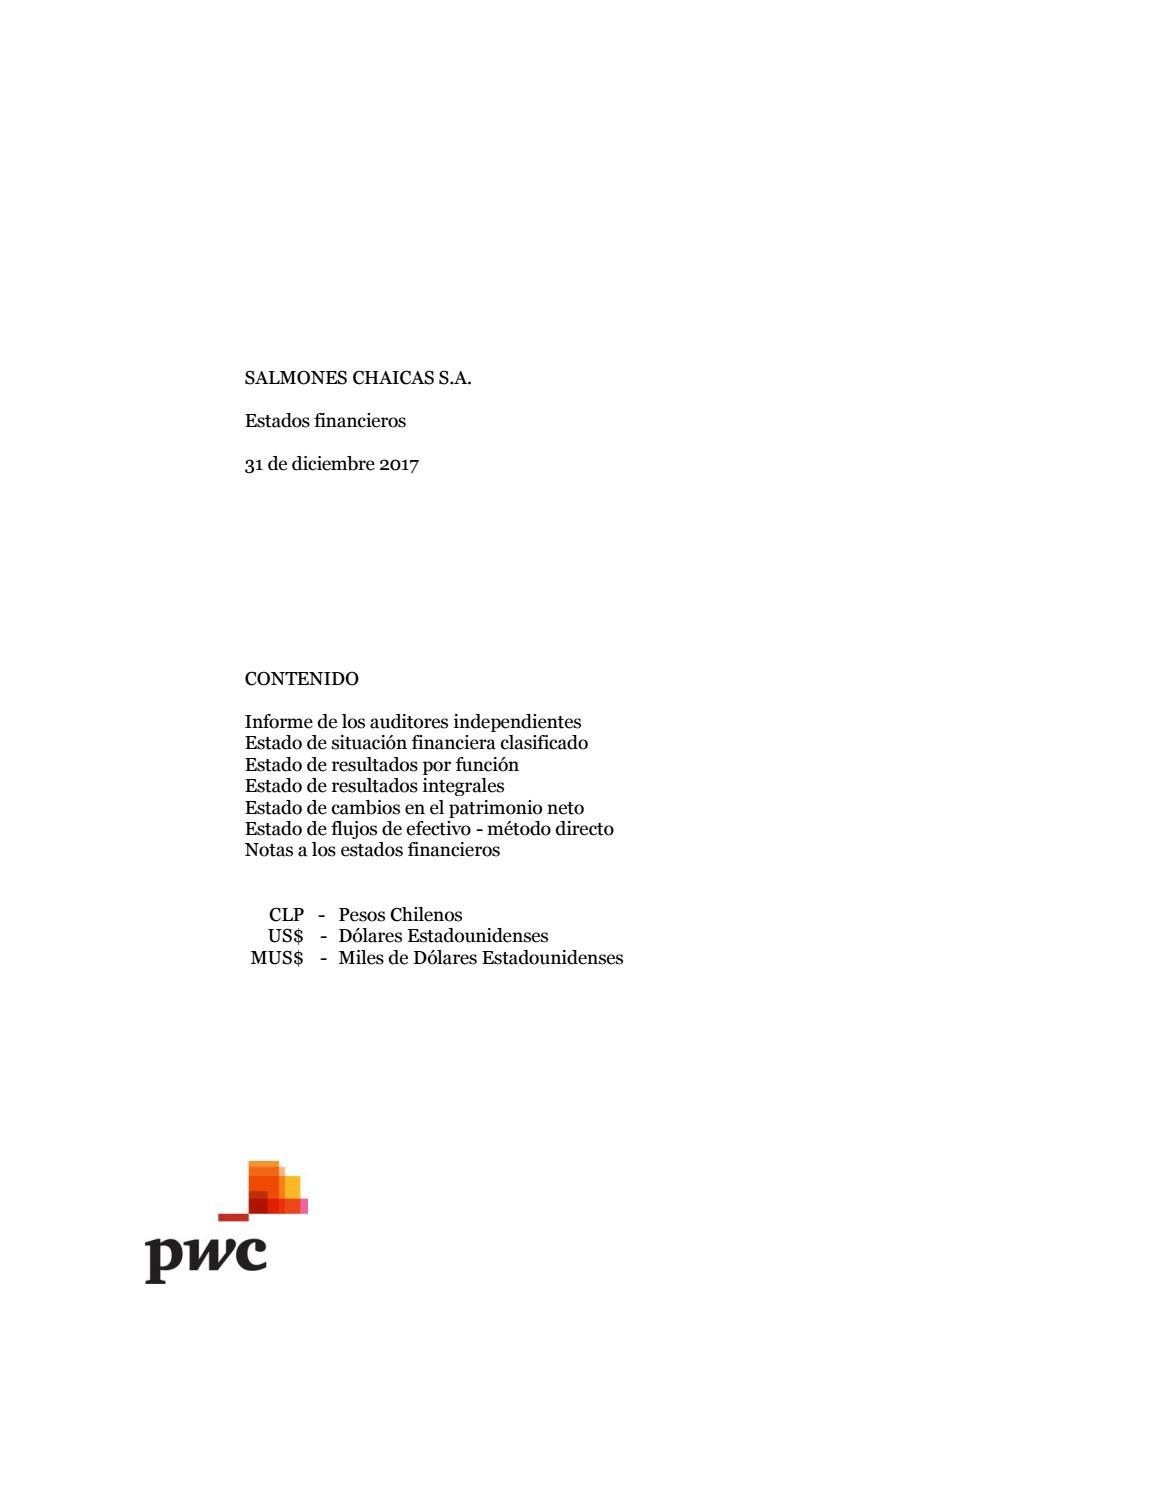 Vistoso Calificaciones Resumidas Resumen De Contabilidad Modelo ...